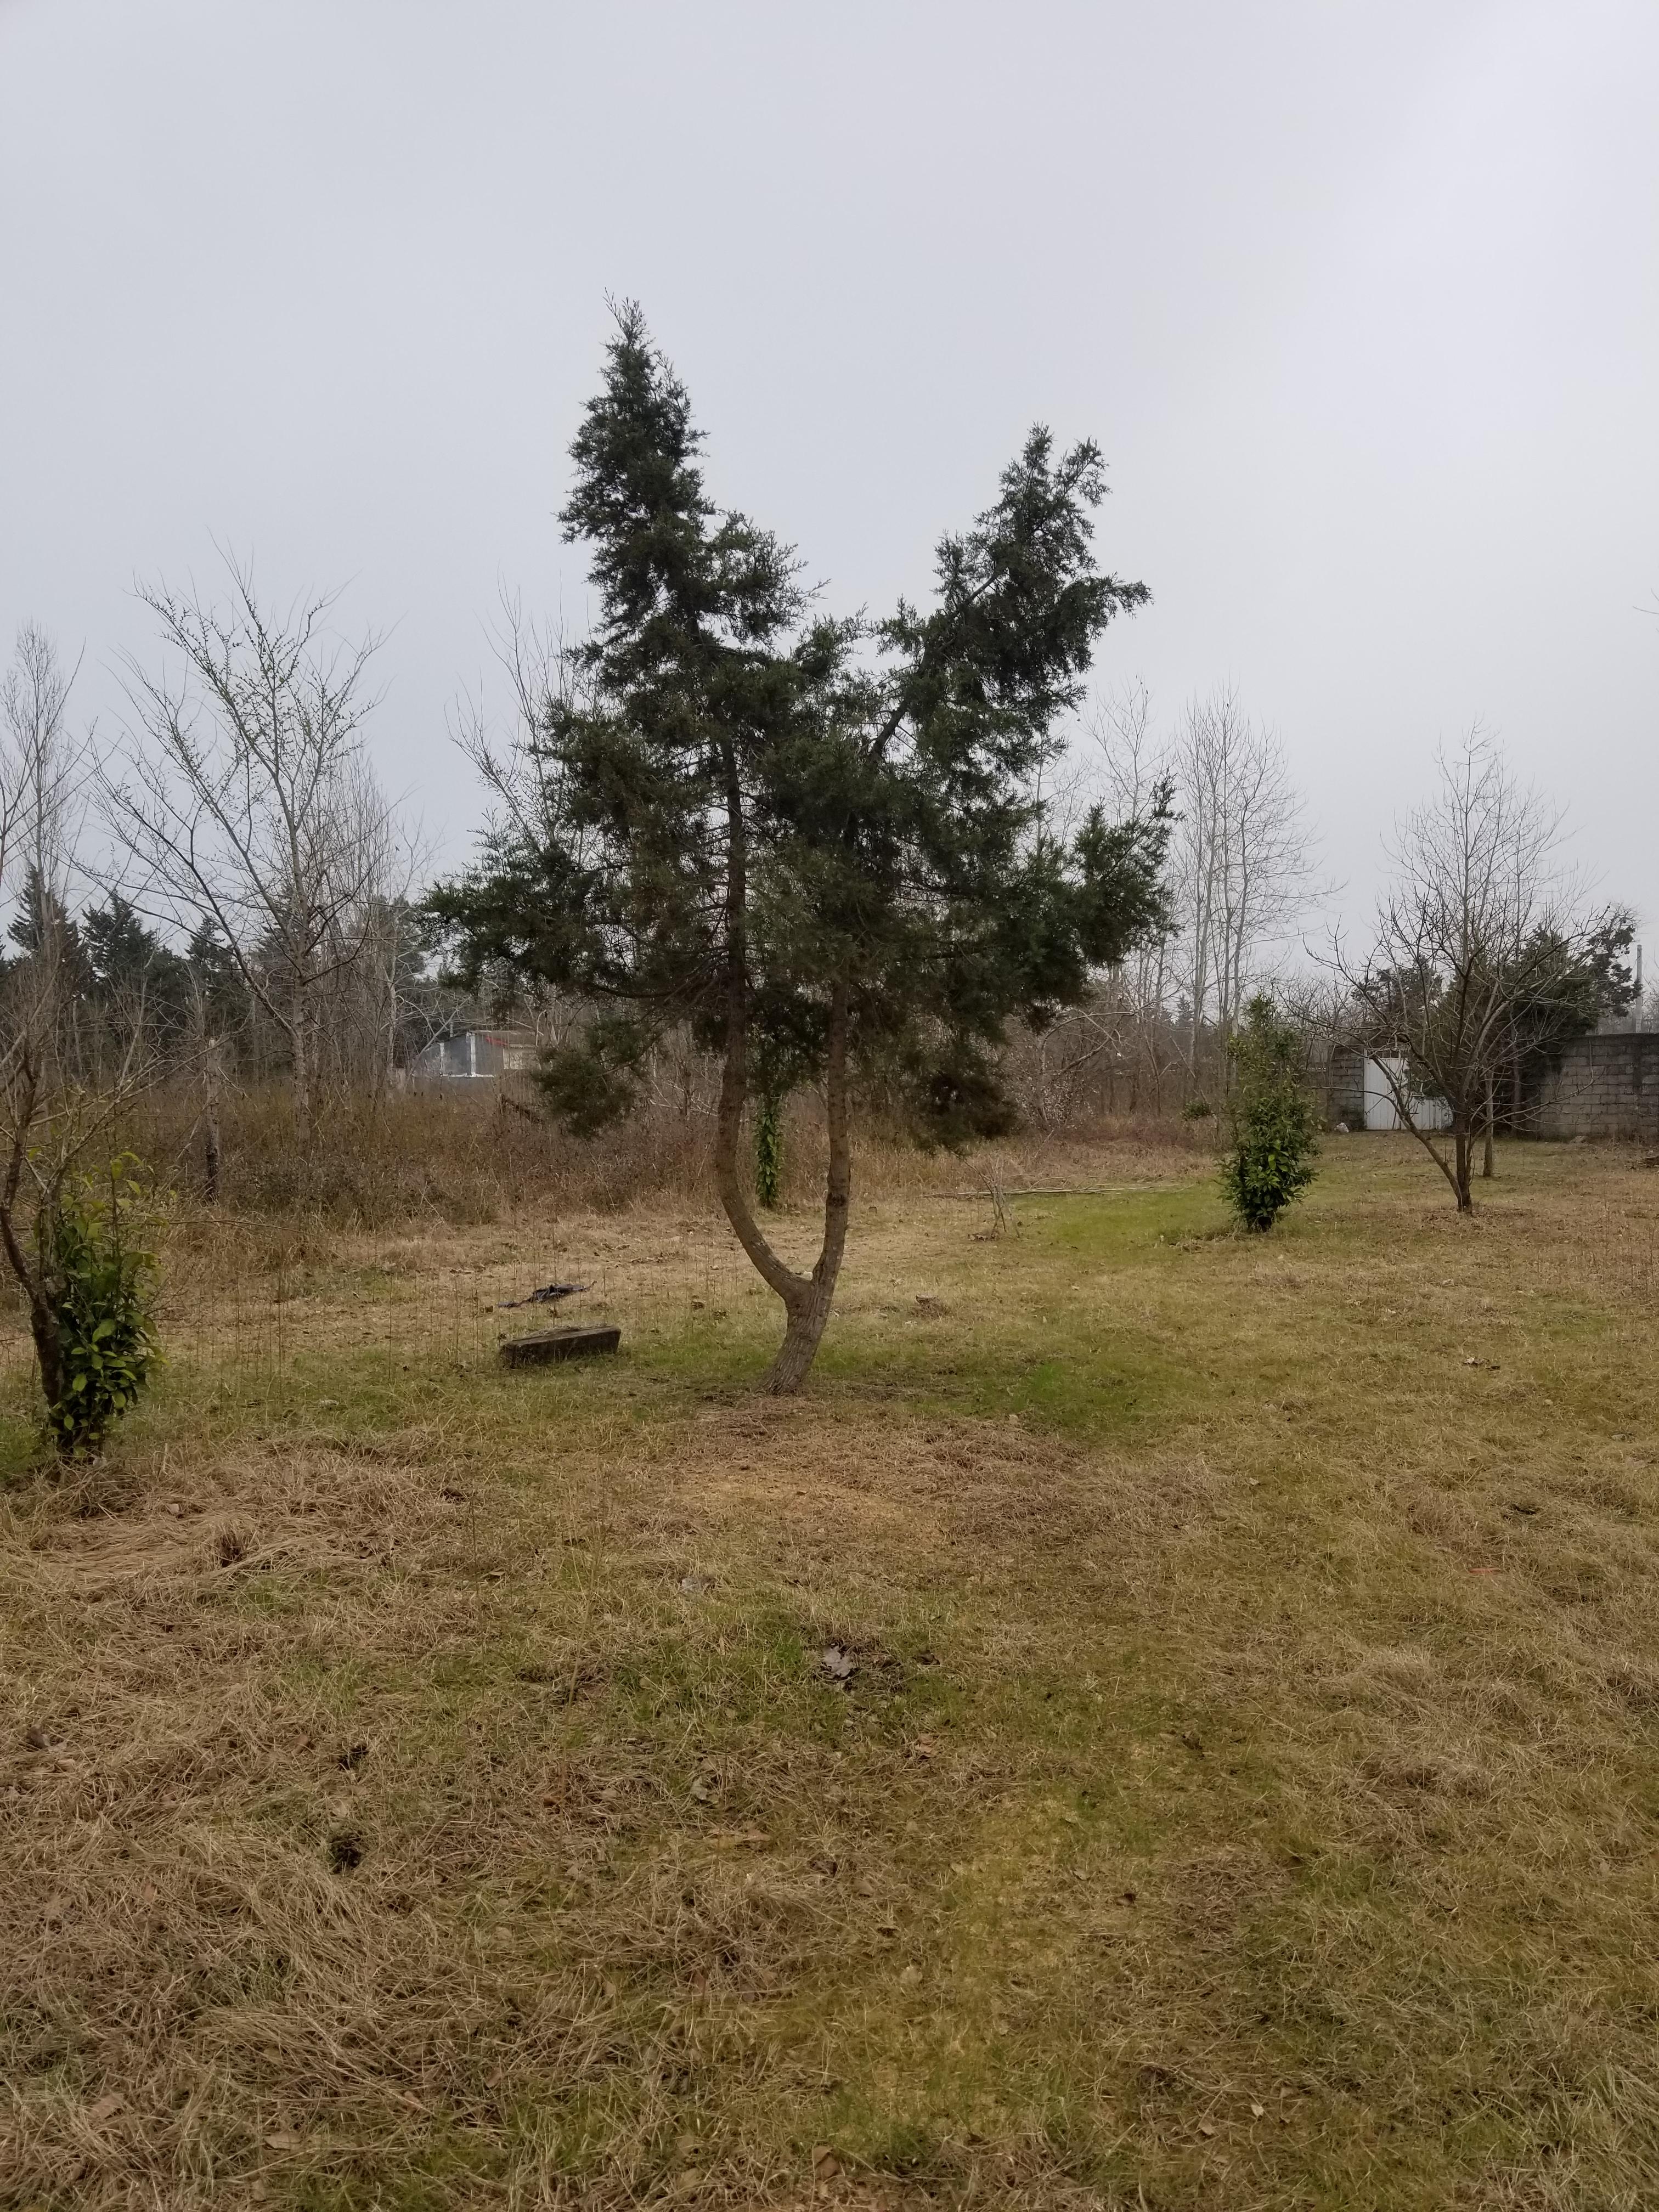 فروش زمین مسکونی در نوار ساحلی عسگراباد (137)